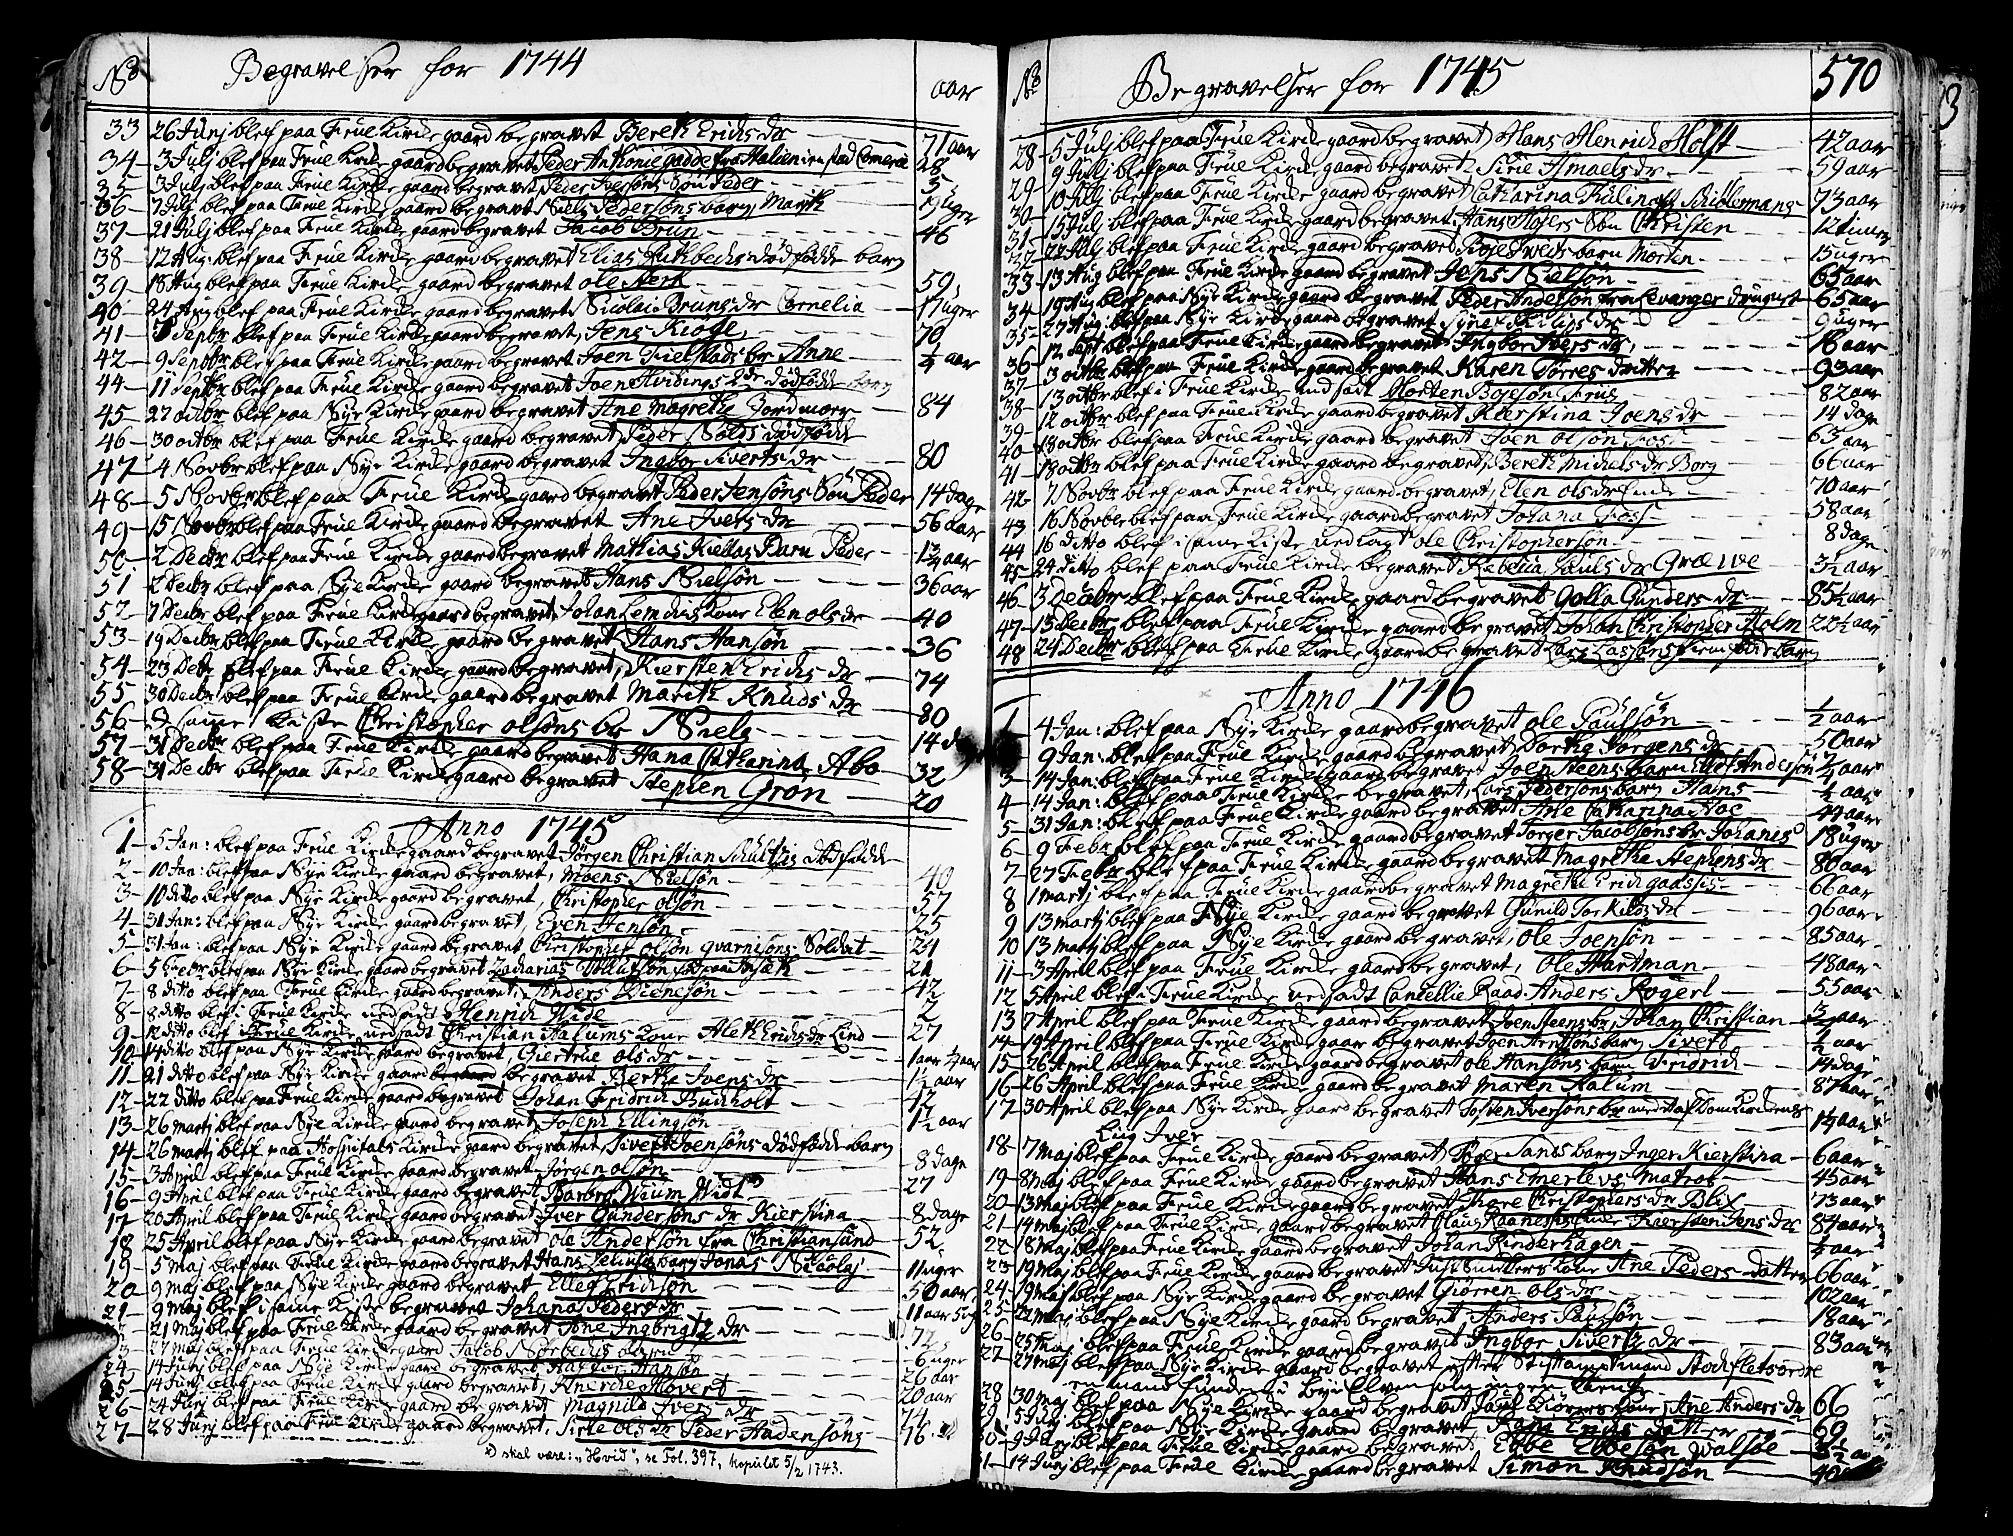 SAT, Ministerialprotokoller, klokkerbøker og fødselsregistre - Sør-Trøndelag, 602/L0103: Ministerialbok nr. 602A01, 1732-1774, s. 570